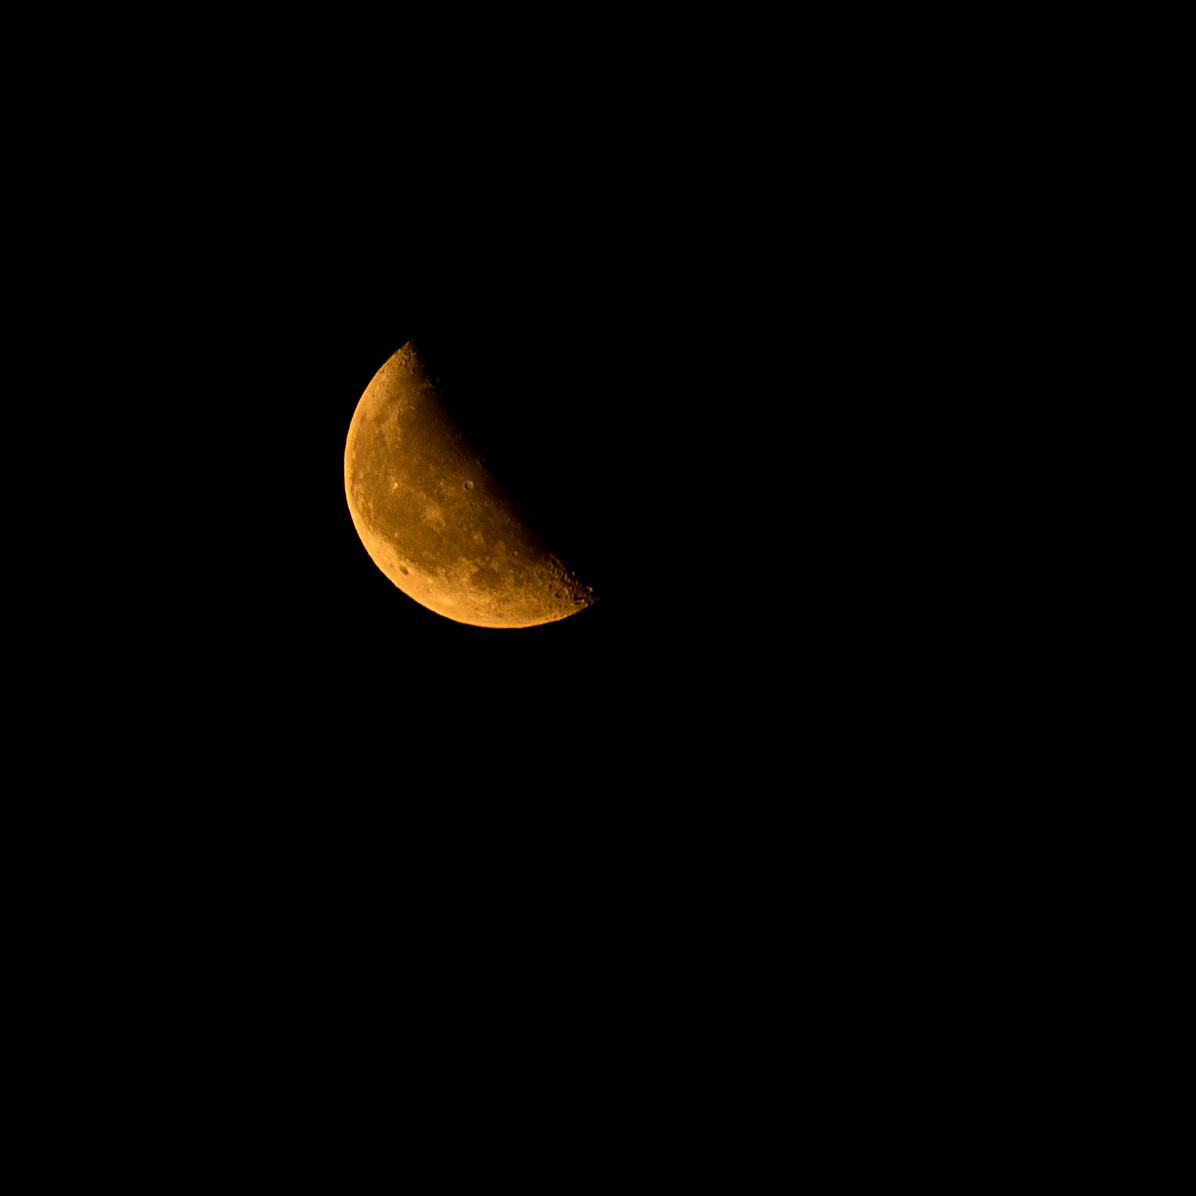 moonrise, moon, cozahome, arkansas, photo